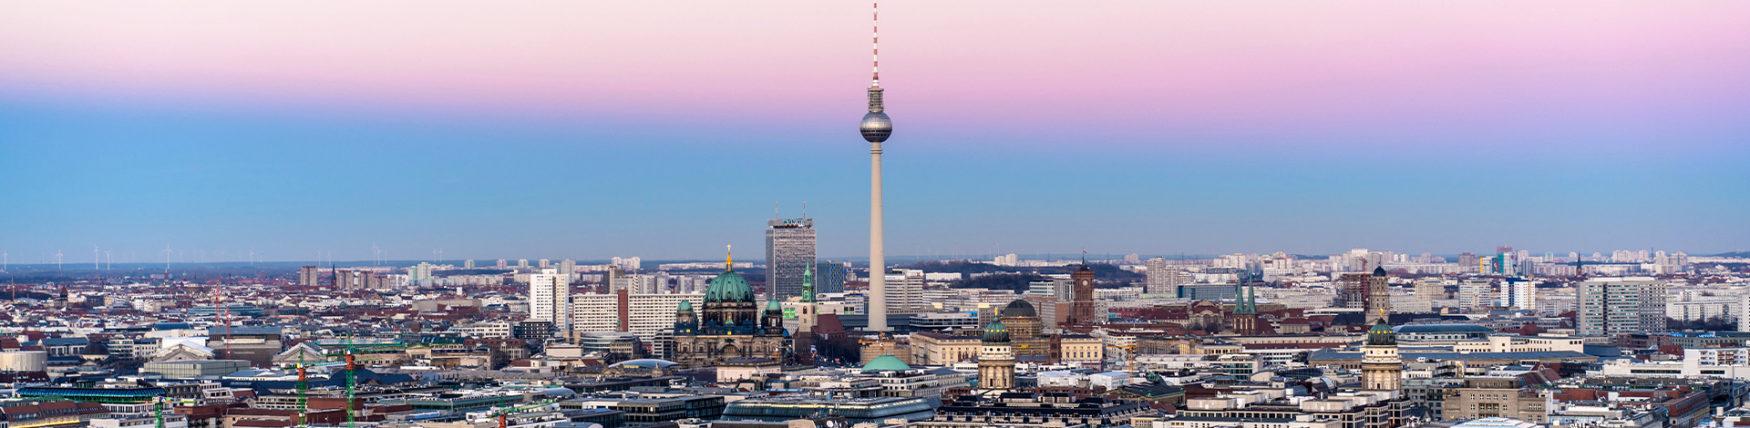 sib_schuett_ingenieurbau_headerbilder_standorte_berlin